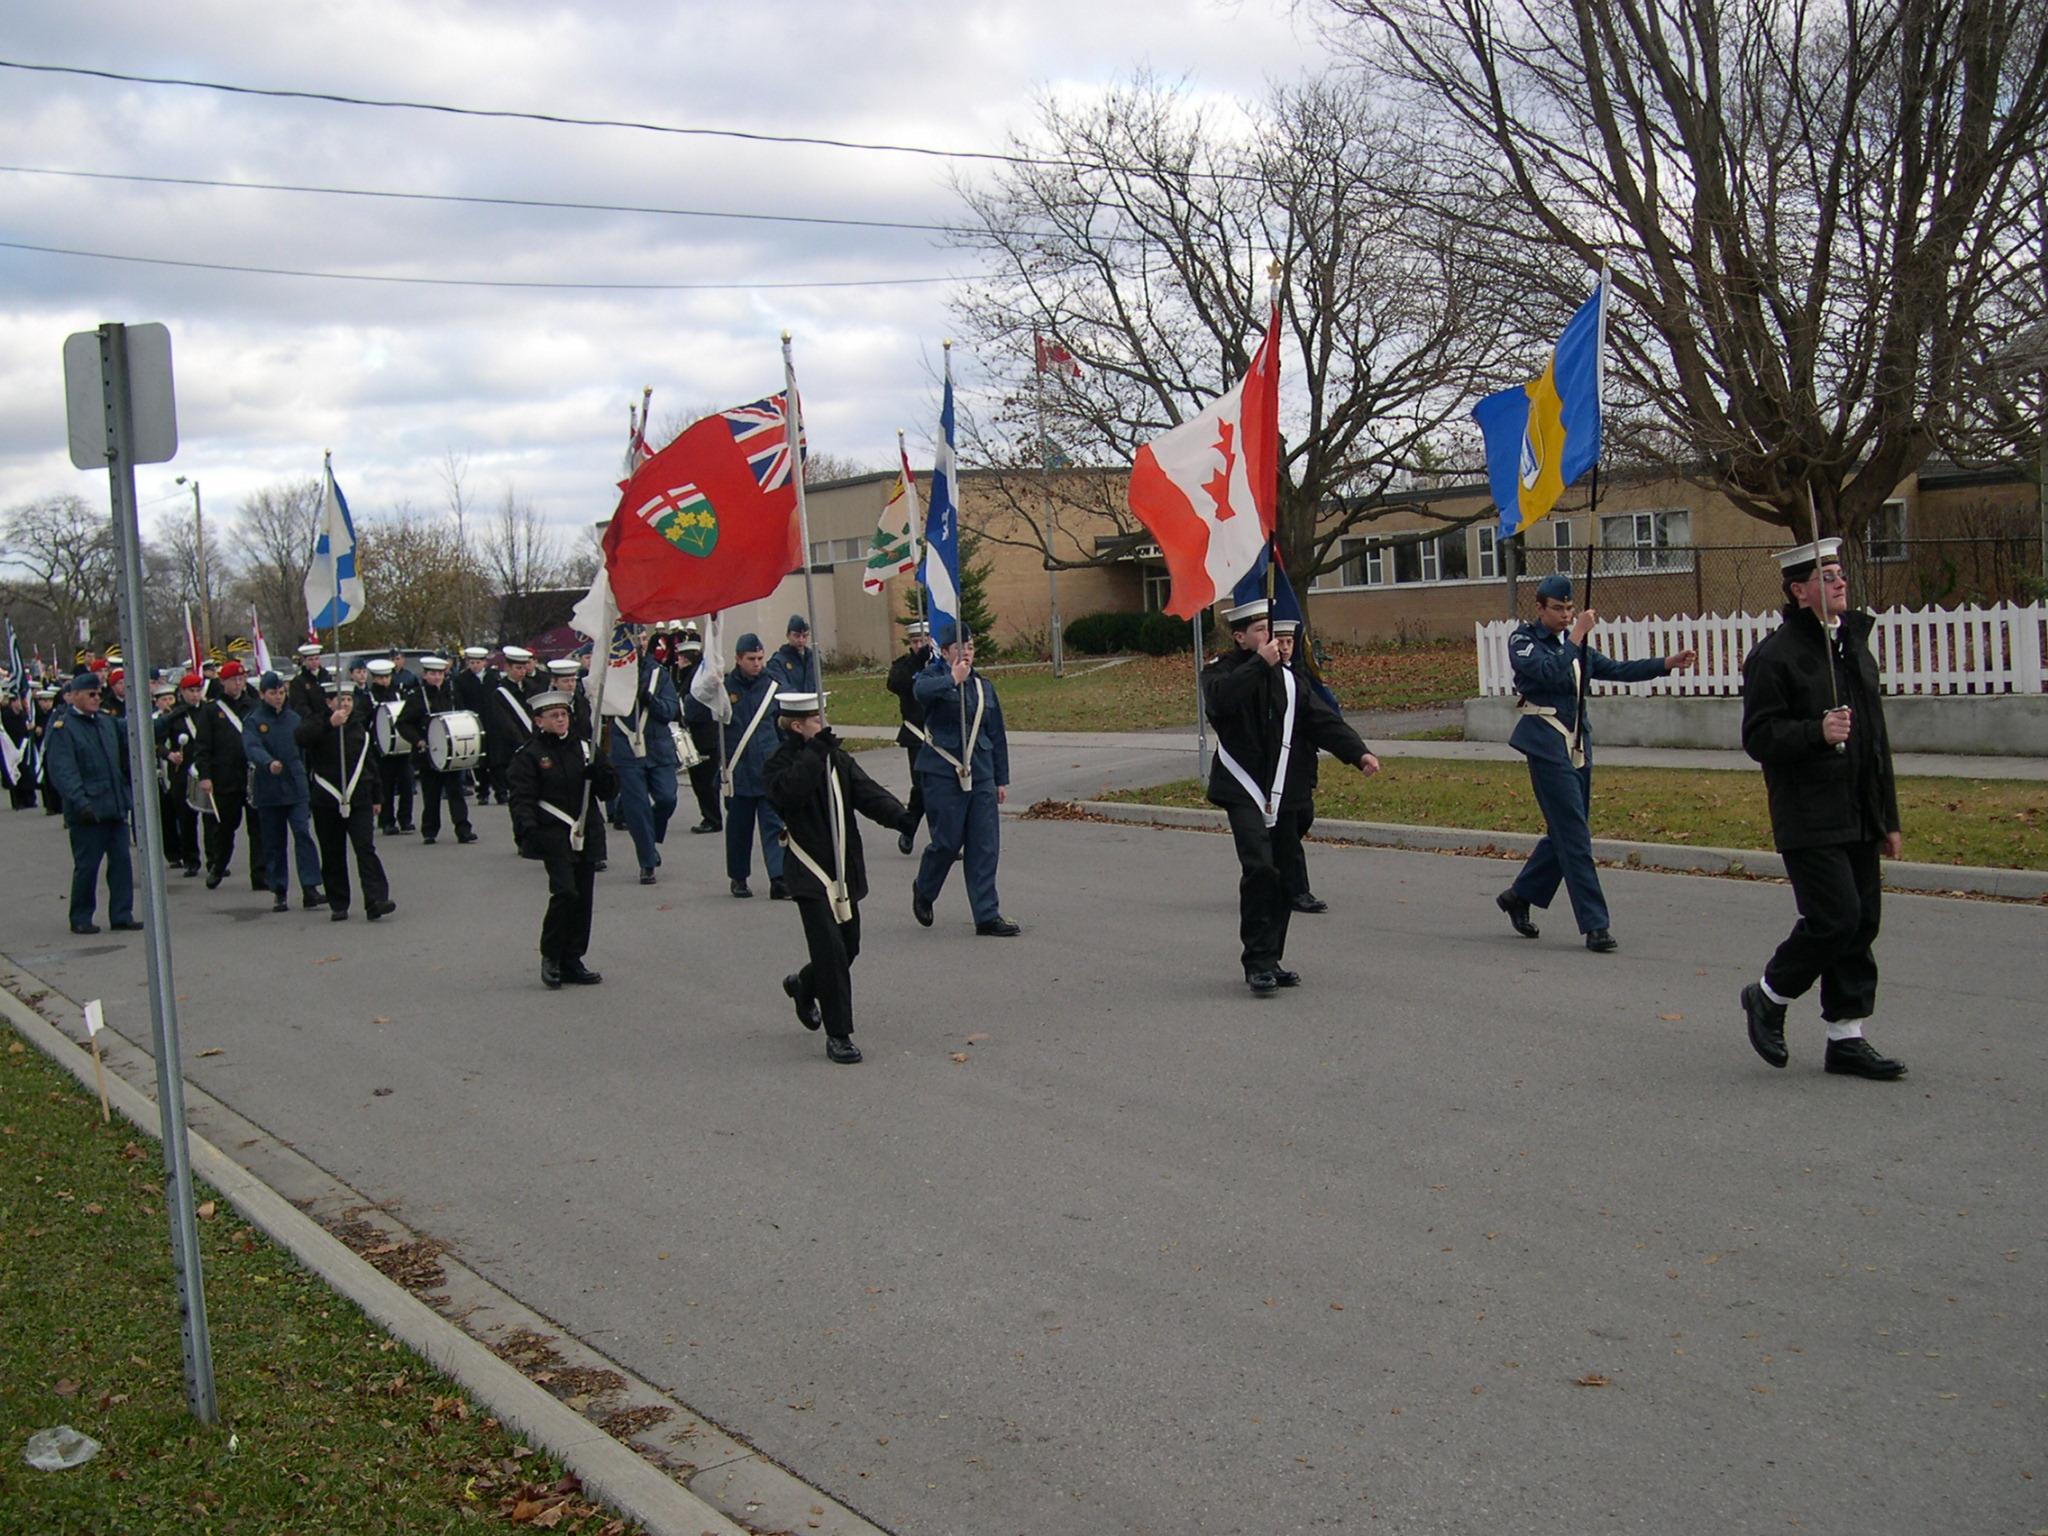 04-11-21 Cobourg Santa Claus Parade, Photo 07